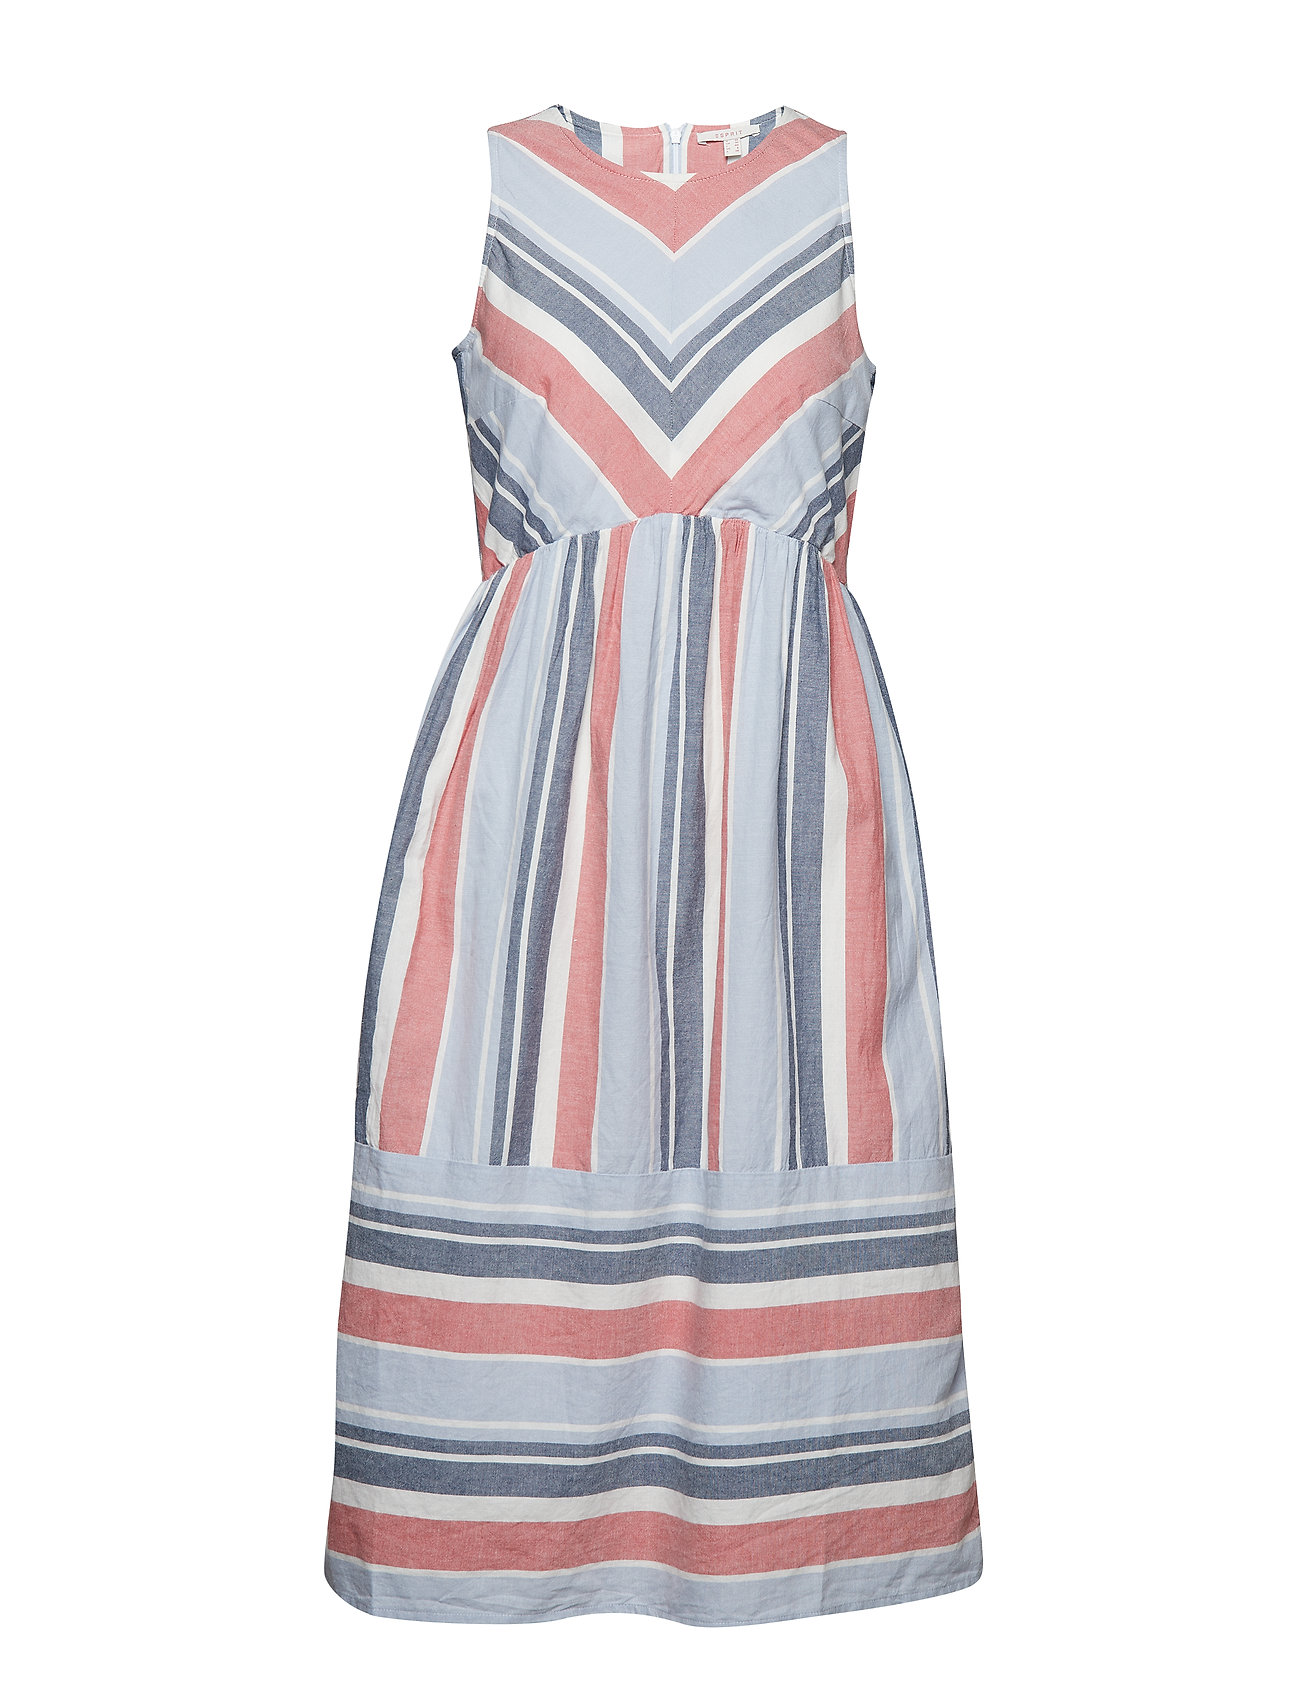 Esprit Casual Dresses light woven - LIGHT BLUE LAVENDER